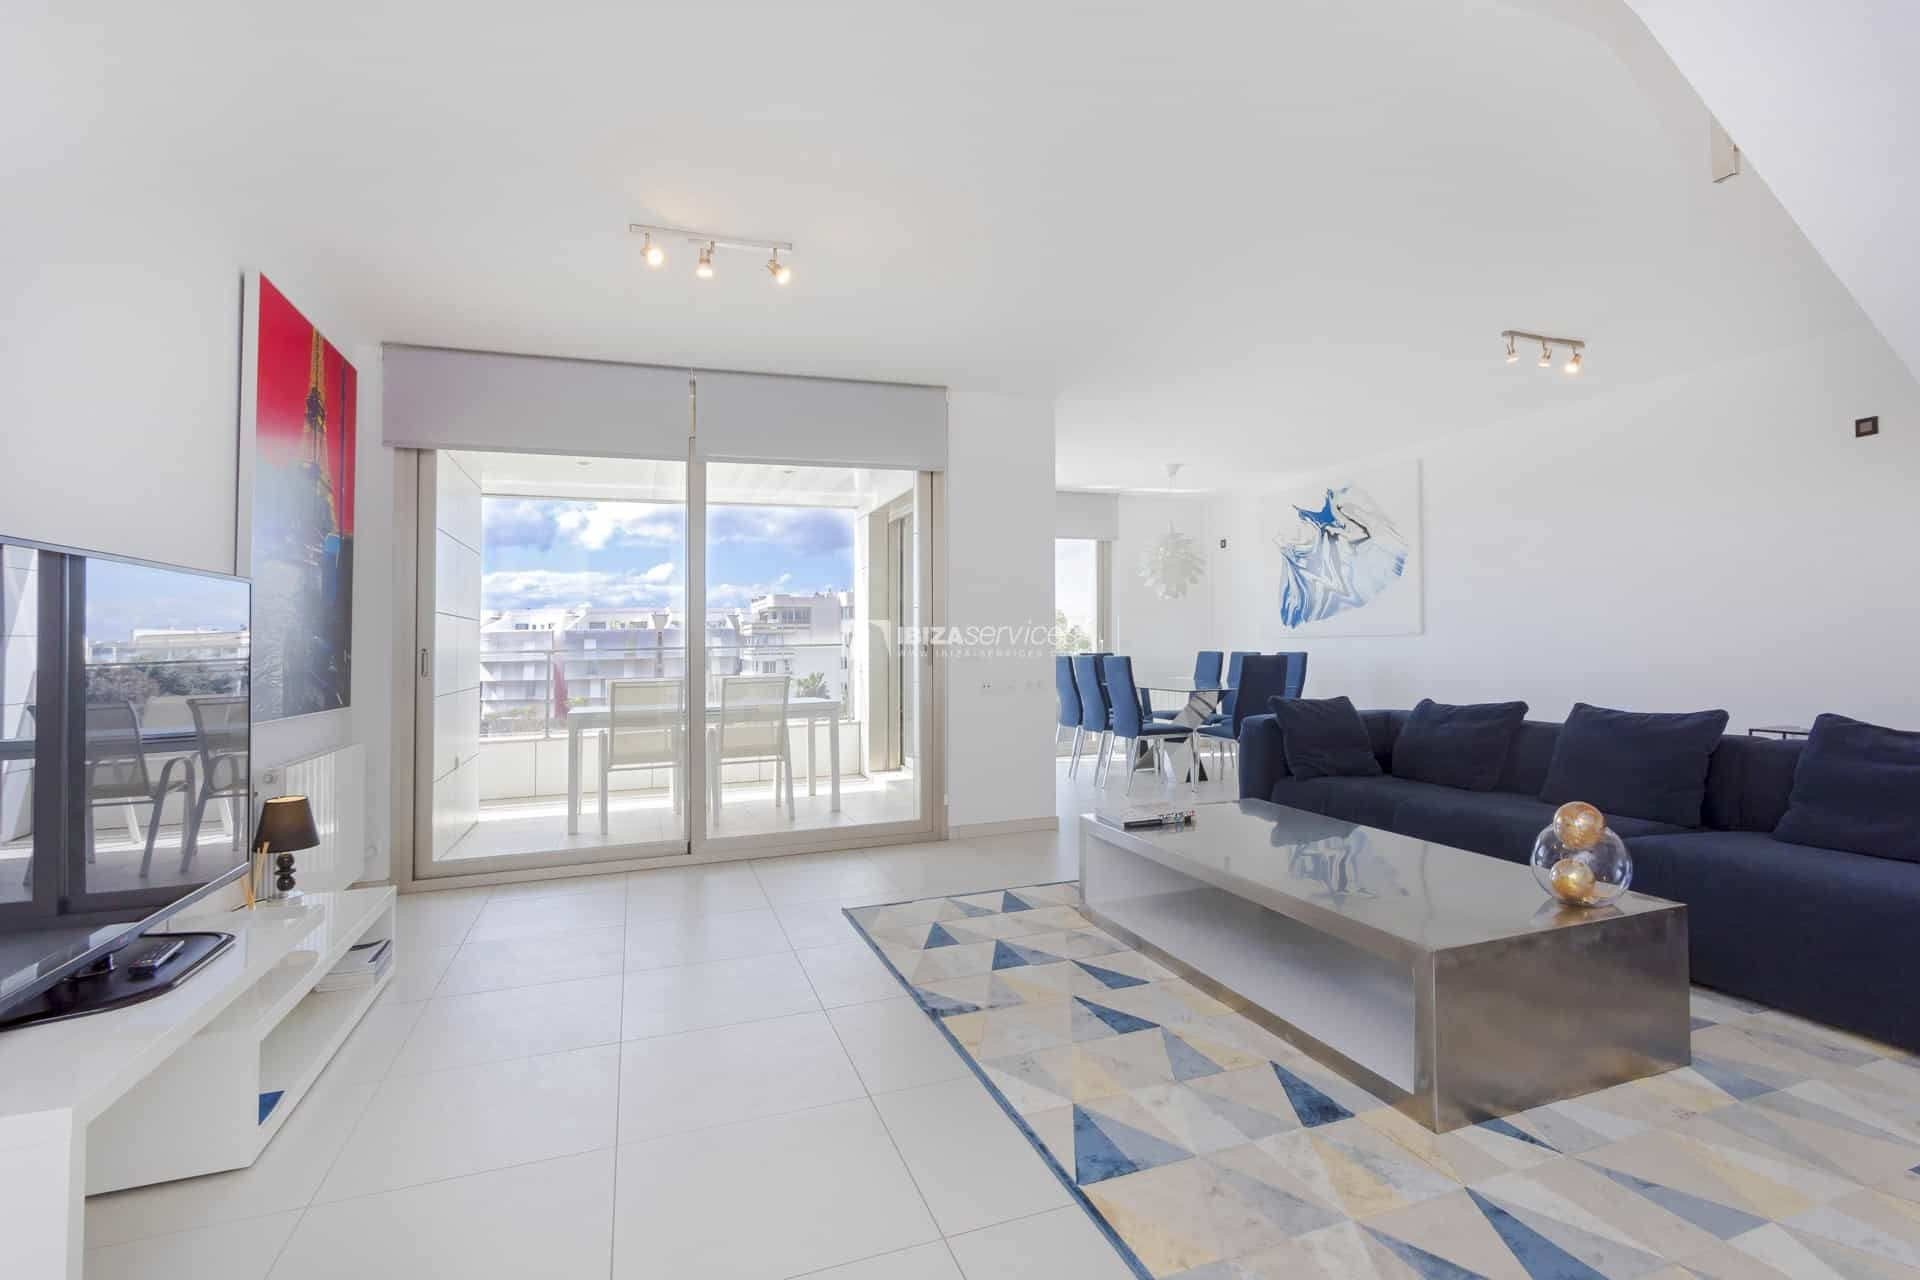 Alquiler A Largo Plazo Atico De 4 Dormitorios Ibiza Botafoch En 2020 Dormitorios Alquiler Apartamentos